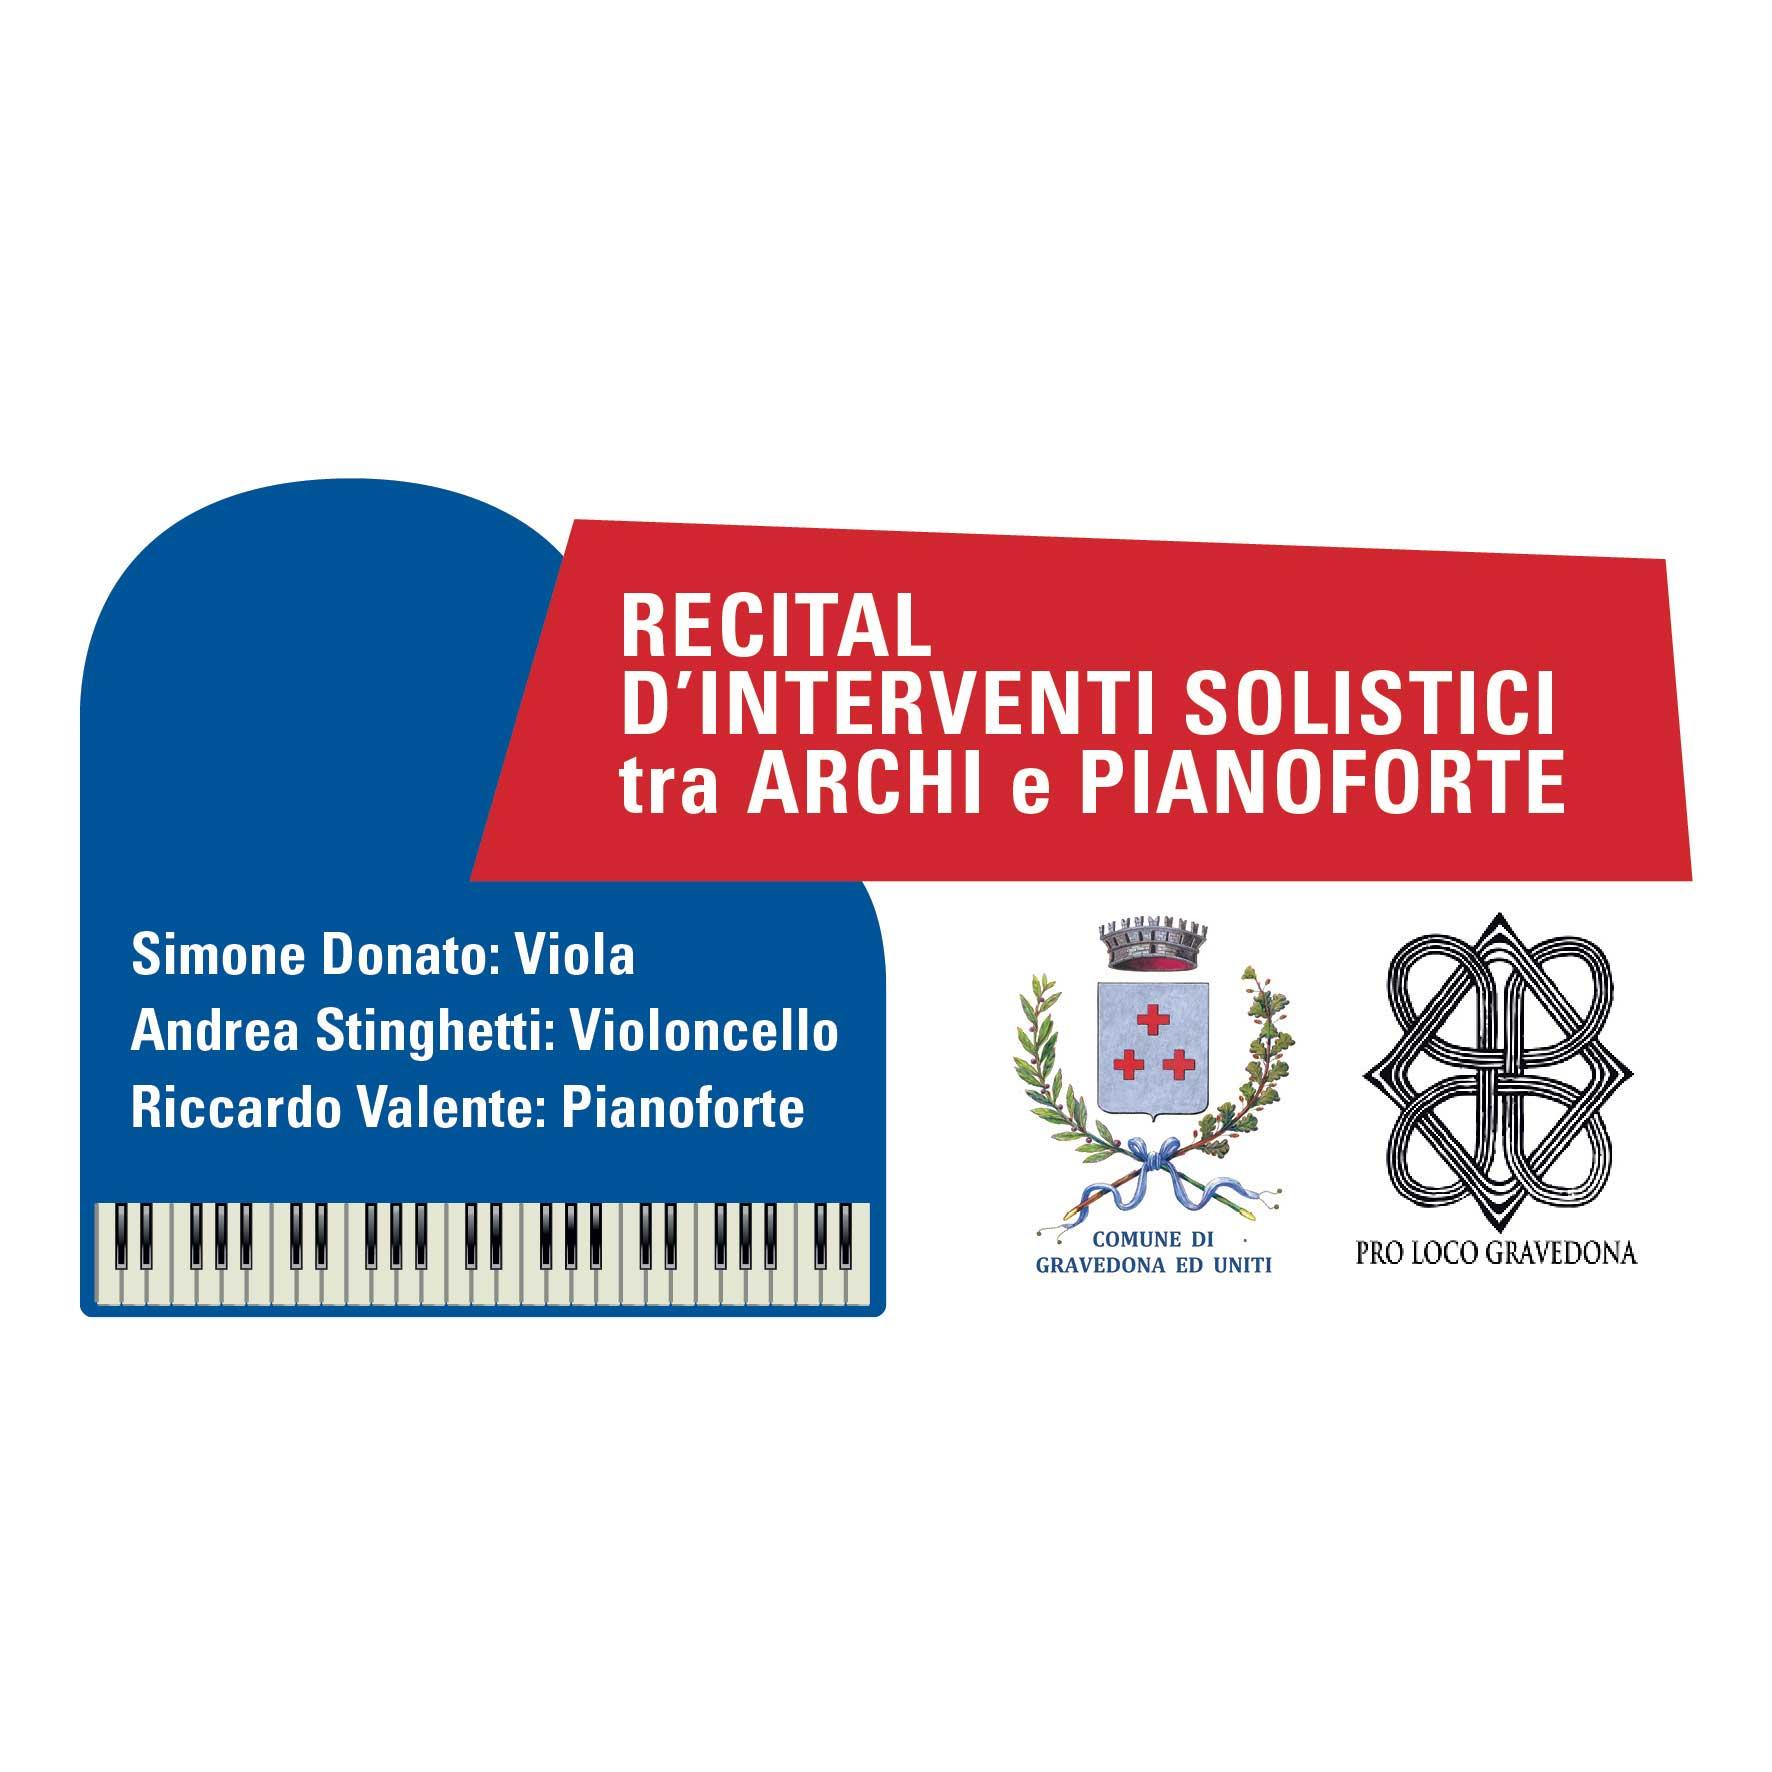 Recital d'interventi solistici tra archi e pianoforte